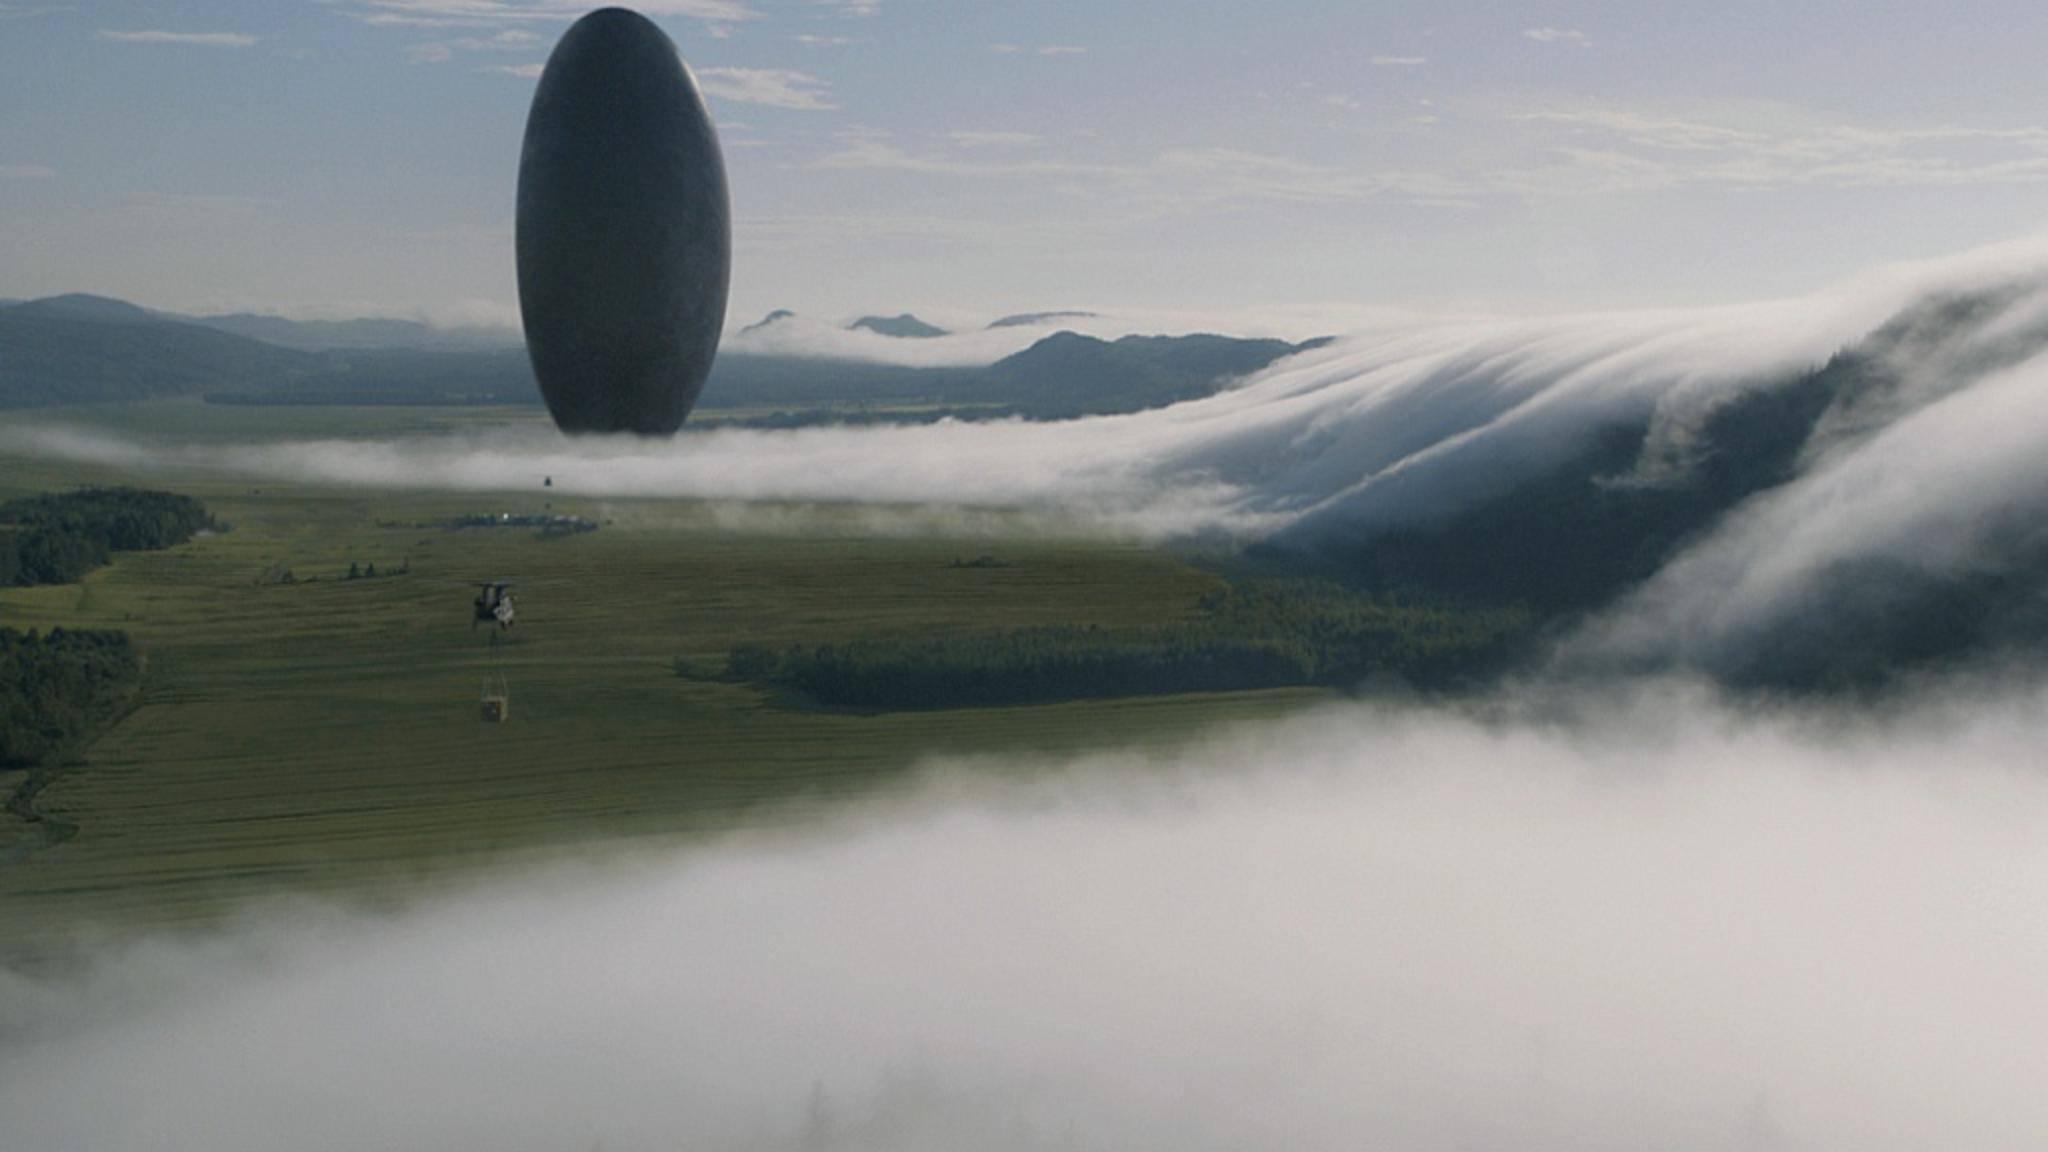 """Zuletzt ließen Shawn Levy und seine Produktionsfirma 21 Laps in """"Arrival"""" Aliens auf der Erde landen. In einem neuen Filmprojekt geht der blaue Planet vor die Hunde."""